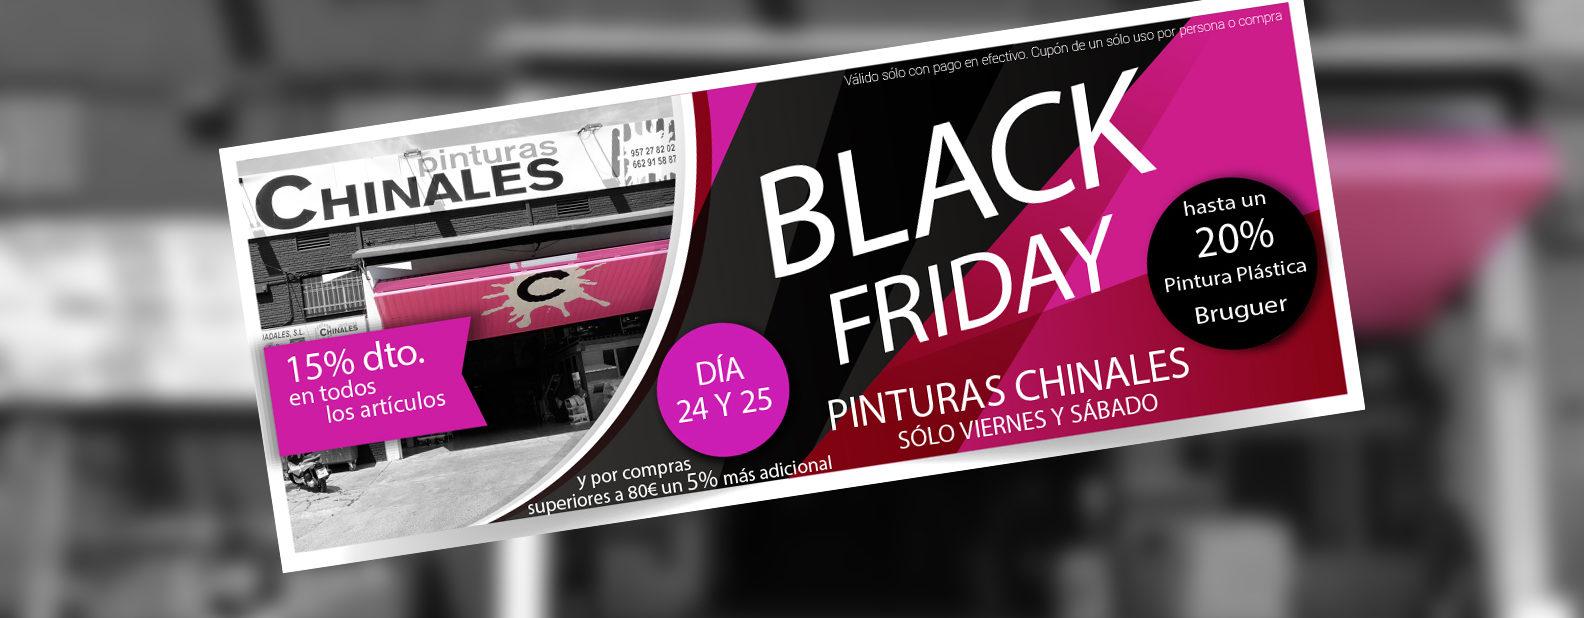 Black Friday Pinturas Chinales